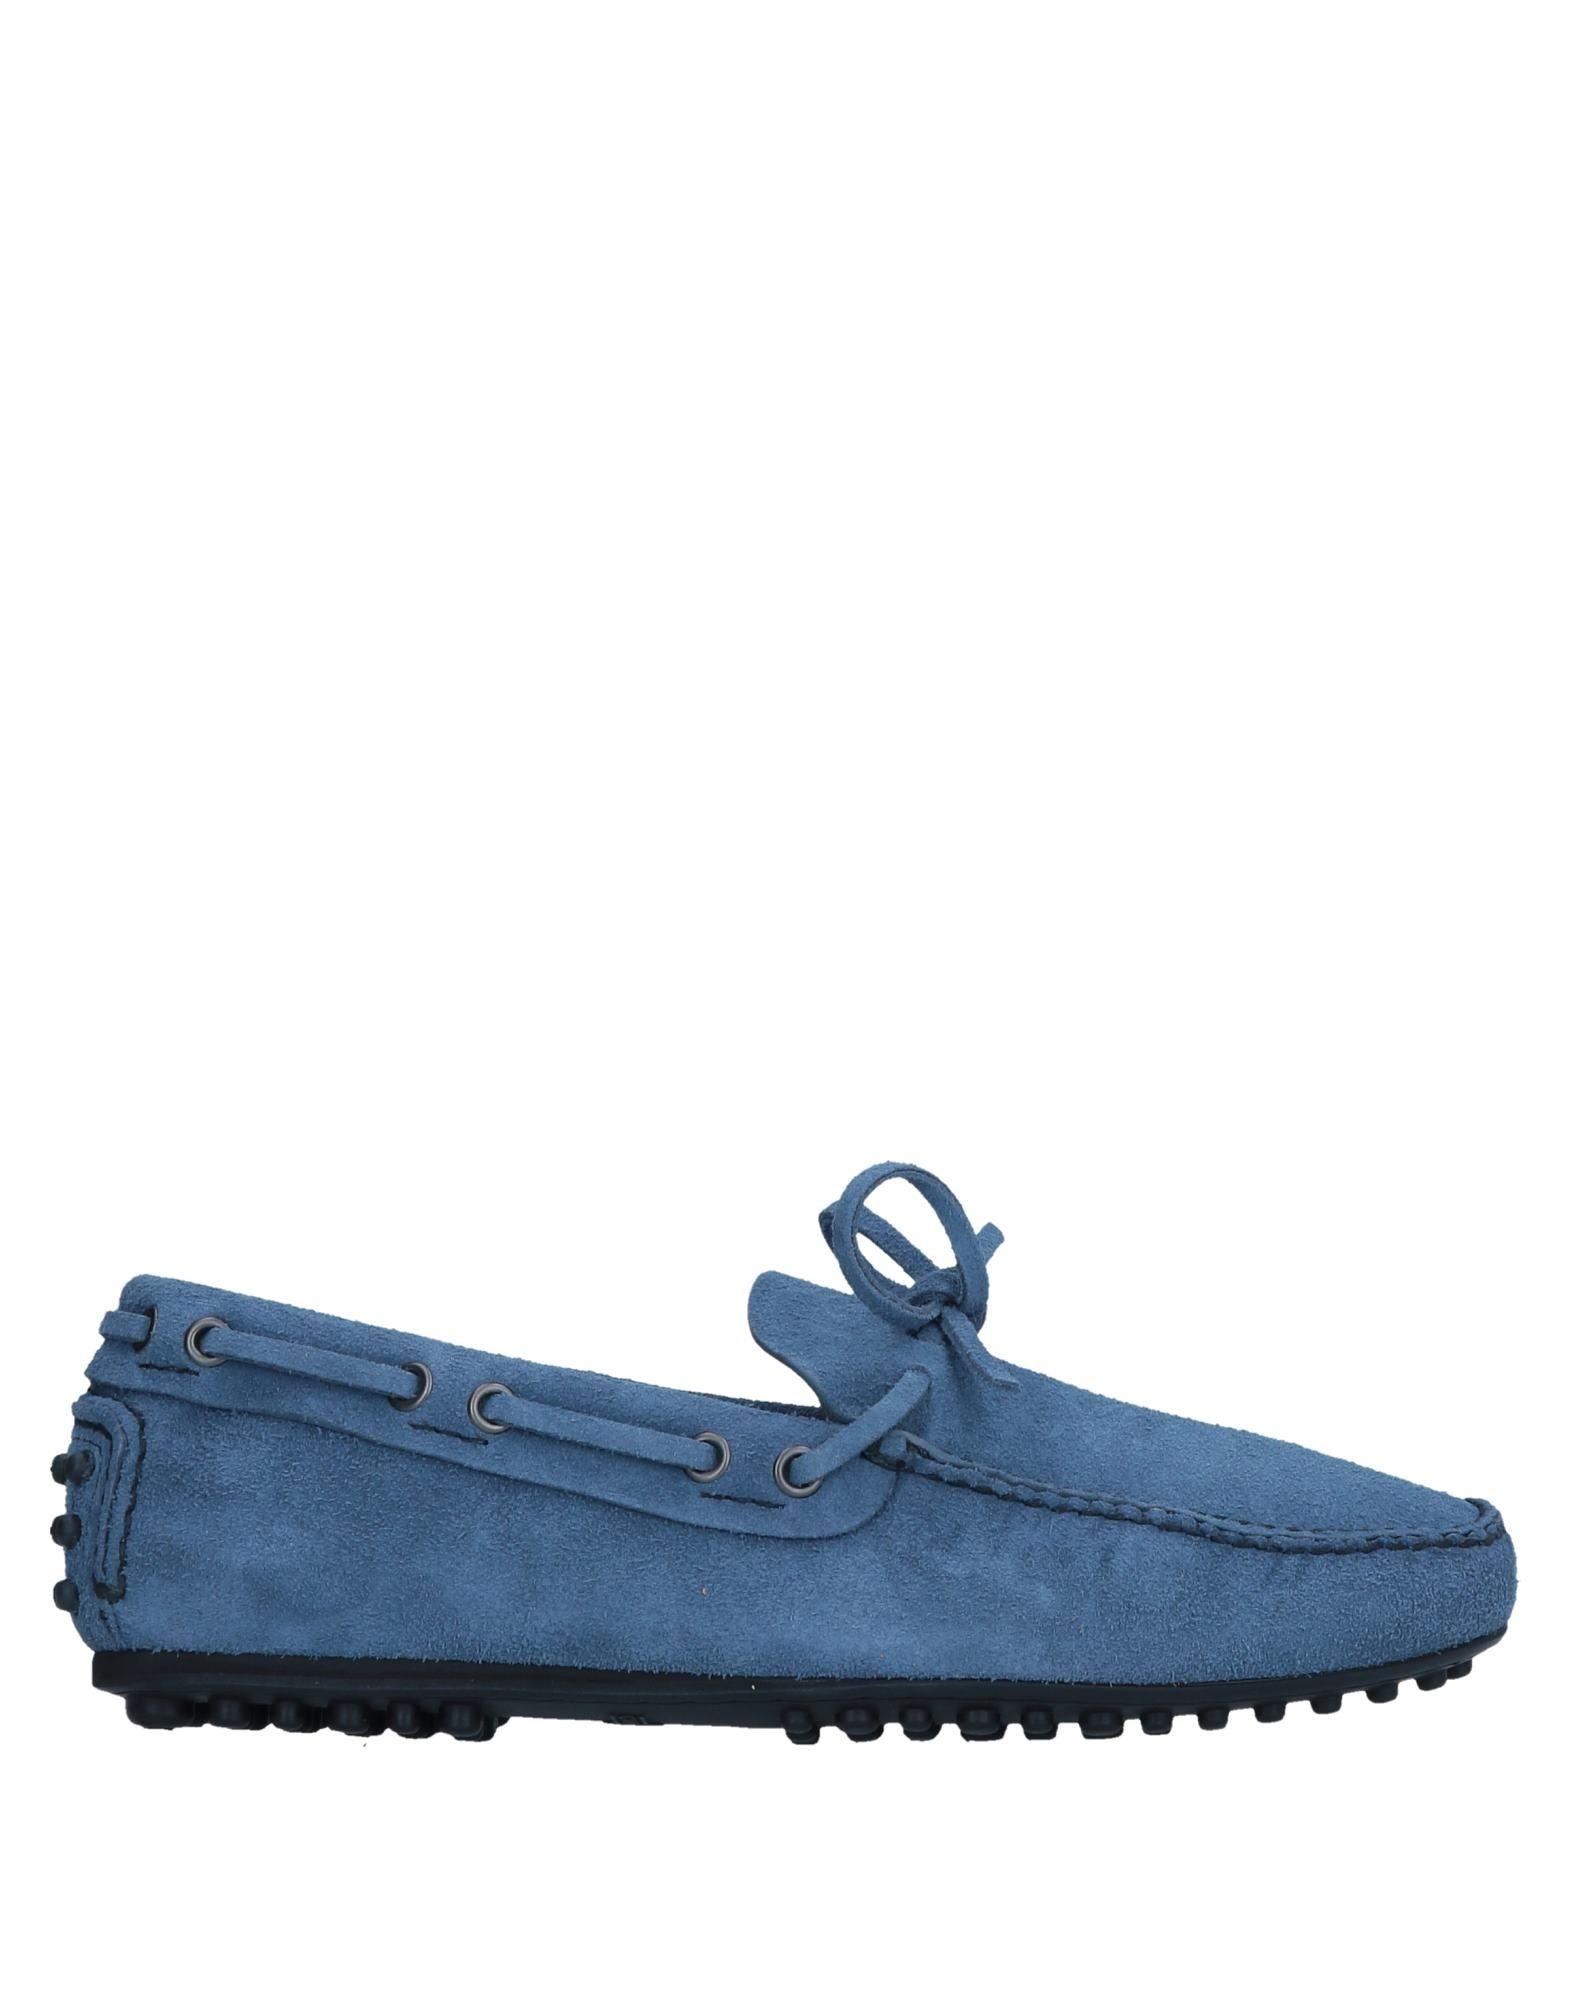 Carshoe Loafers Loafers - Men Carshoe Loafers Carshoe online on  United Kingdom - 11550578QM 2e32af